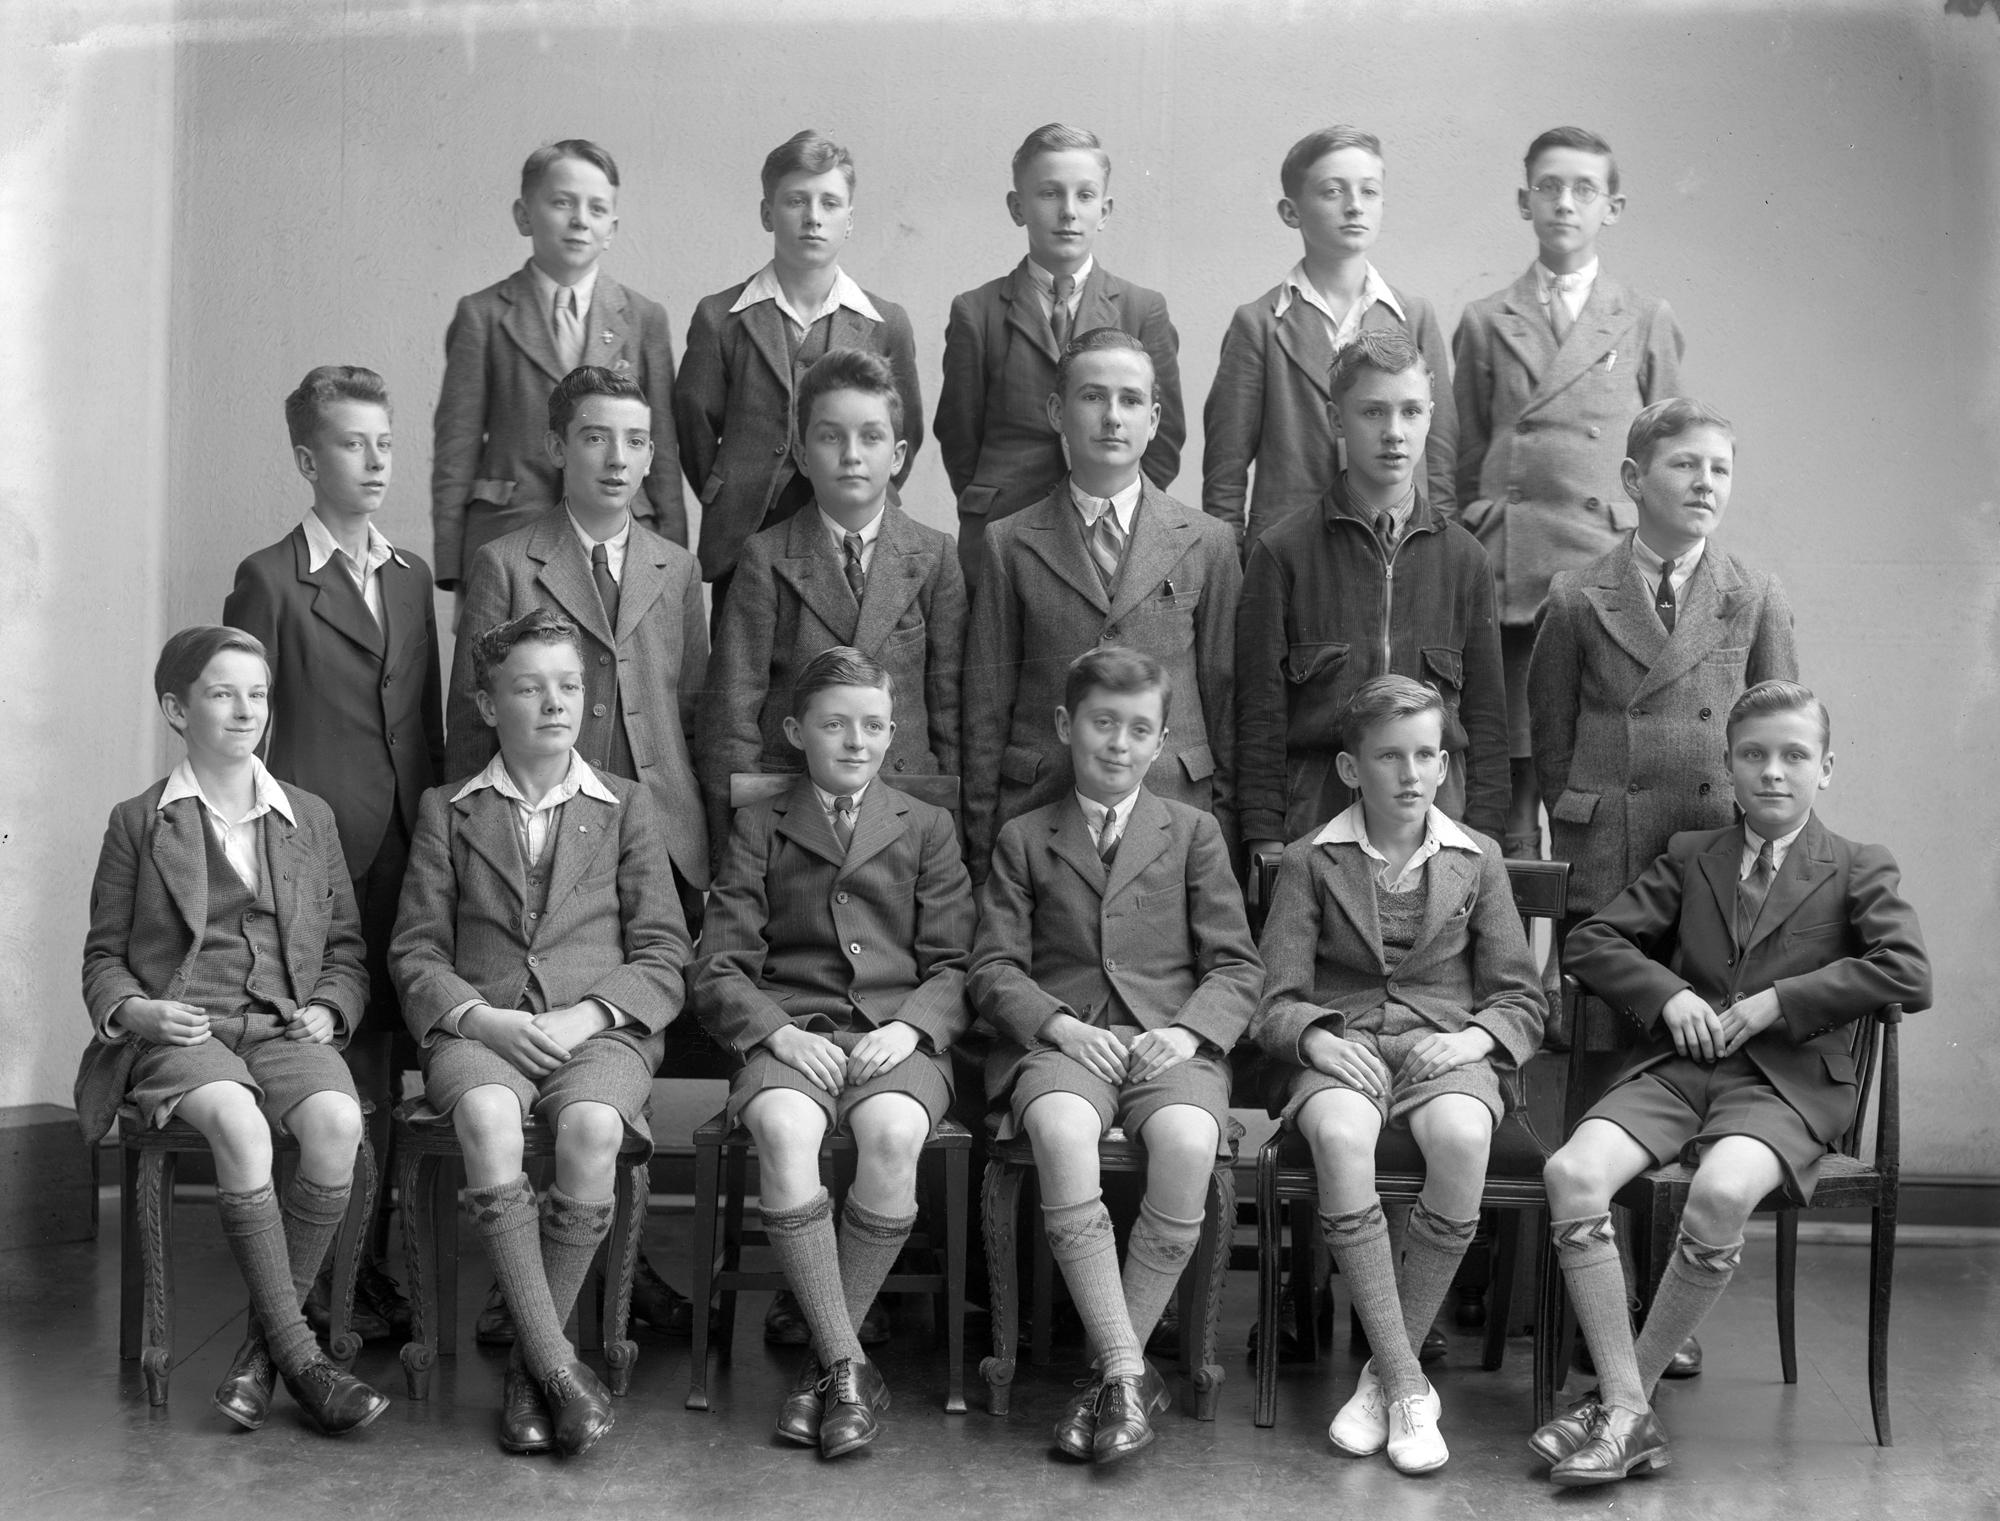 File:Synge Street Boys (7089812507).jpg - Wikipedia